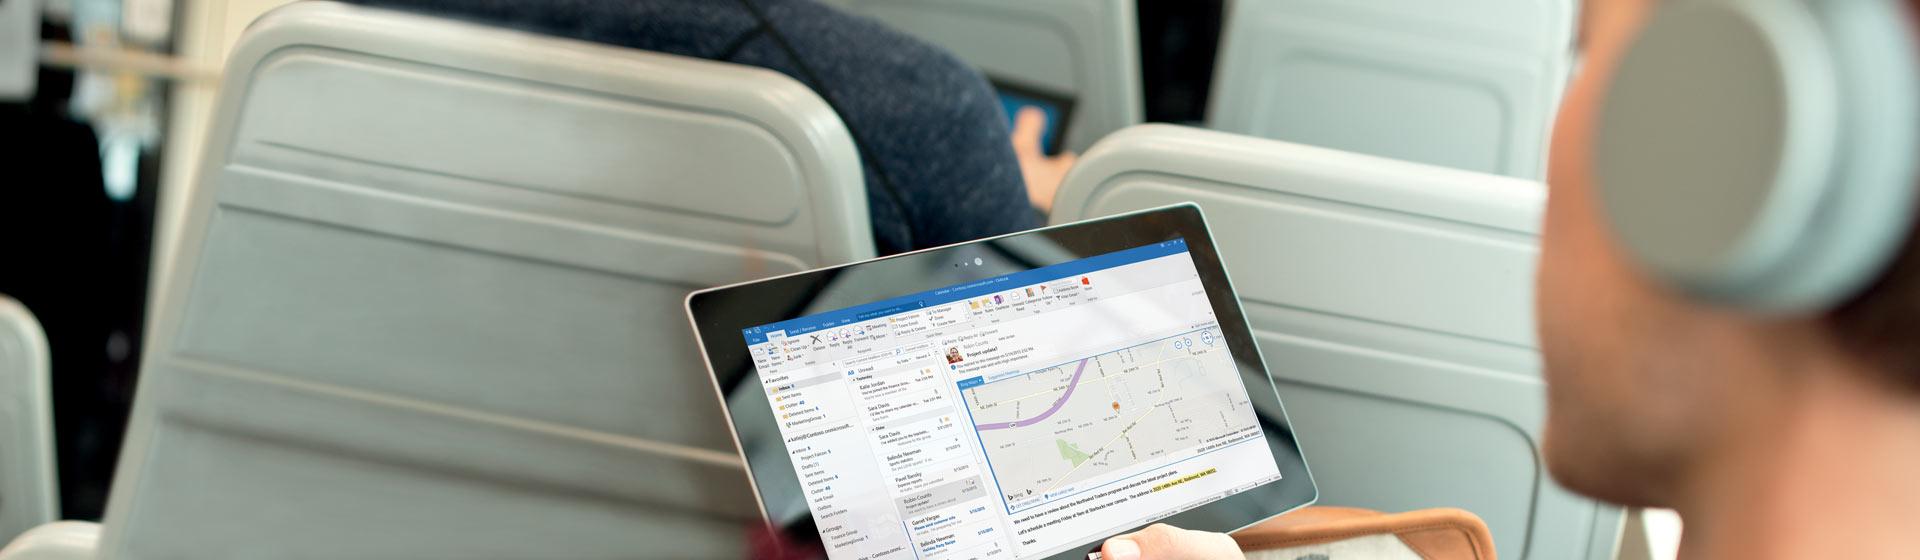 Image d'homme tenant une tablette affichant sa boîte de réception d'e-mails dans Office365